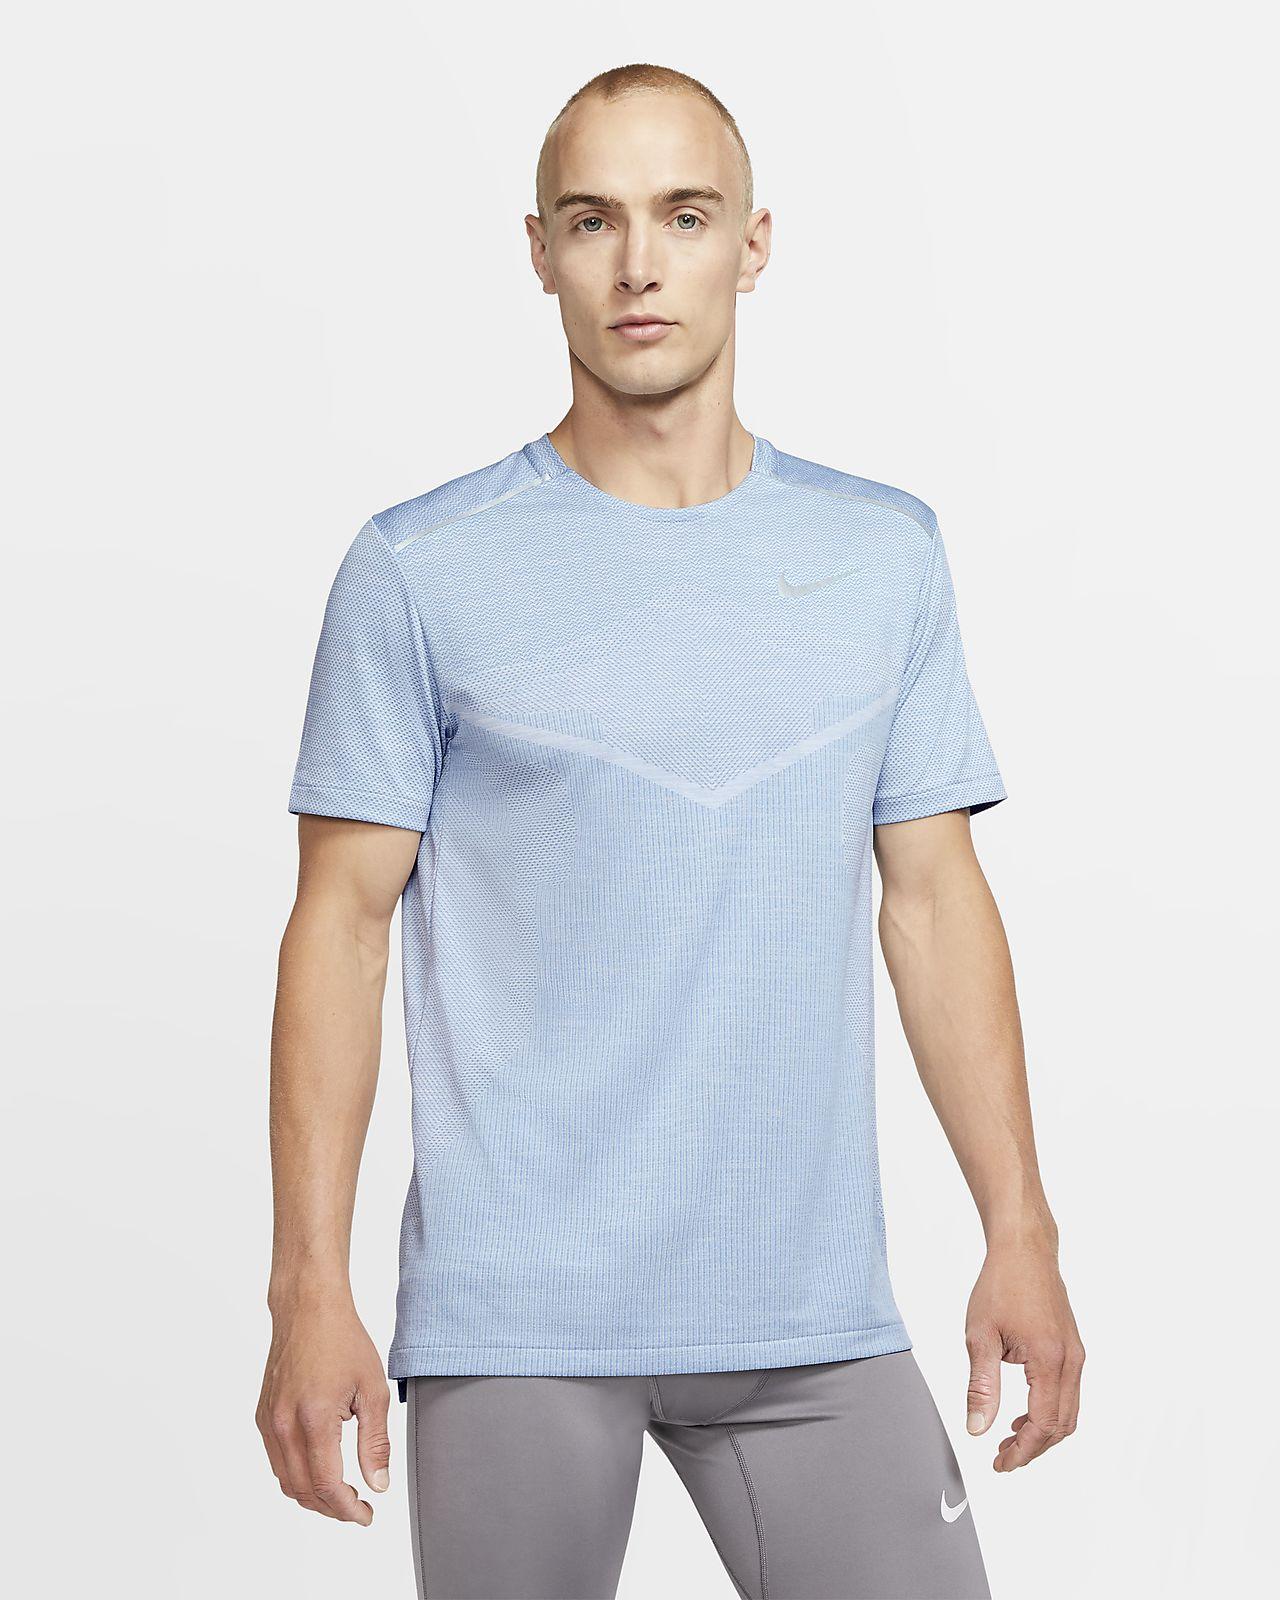 Pánské běžecké tričko Nike TechKnit Ultra s krátkým rukávem